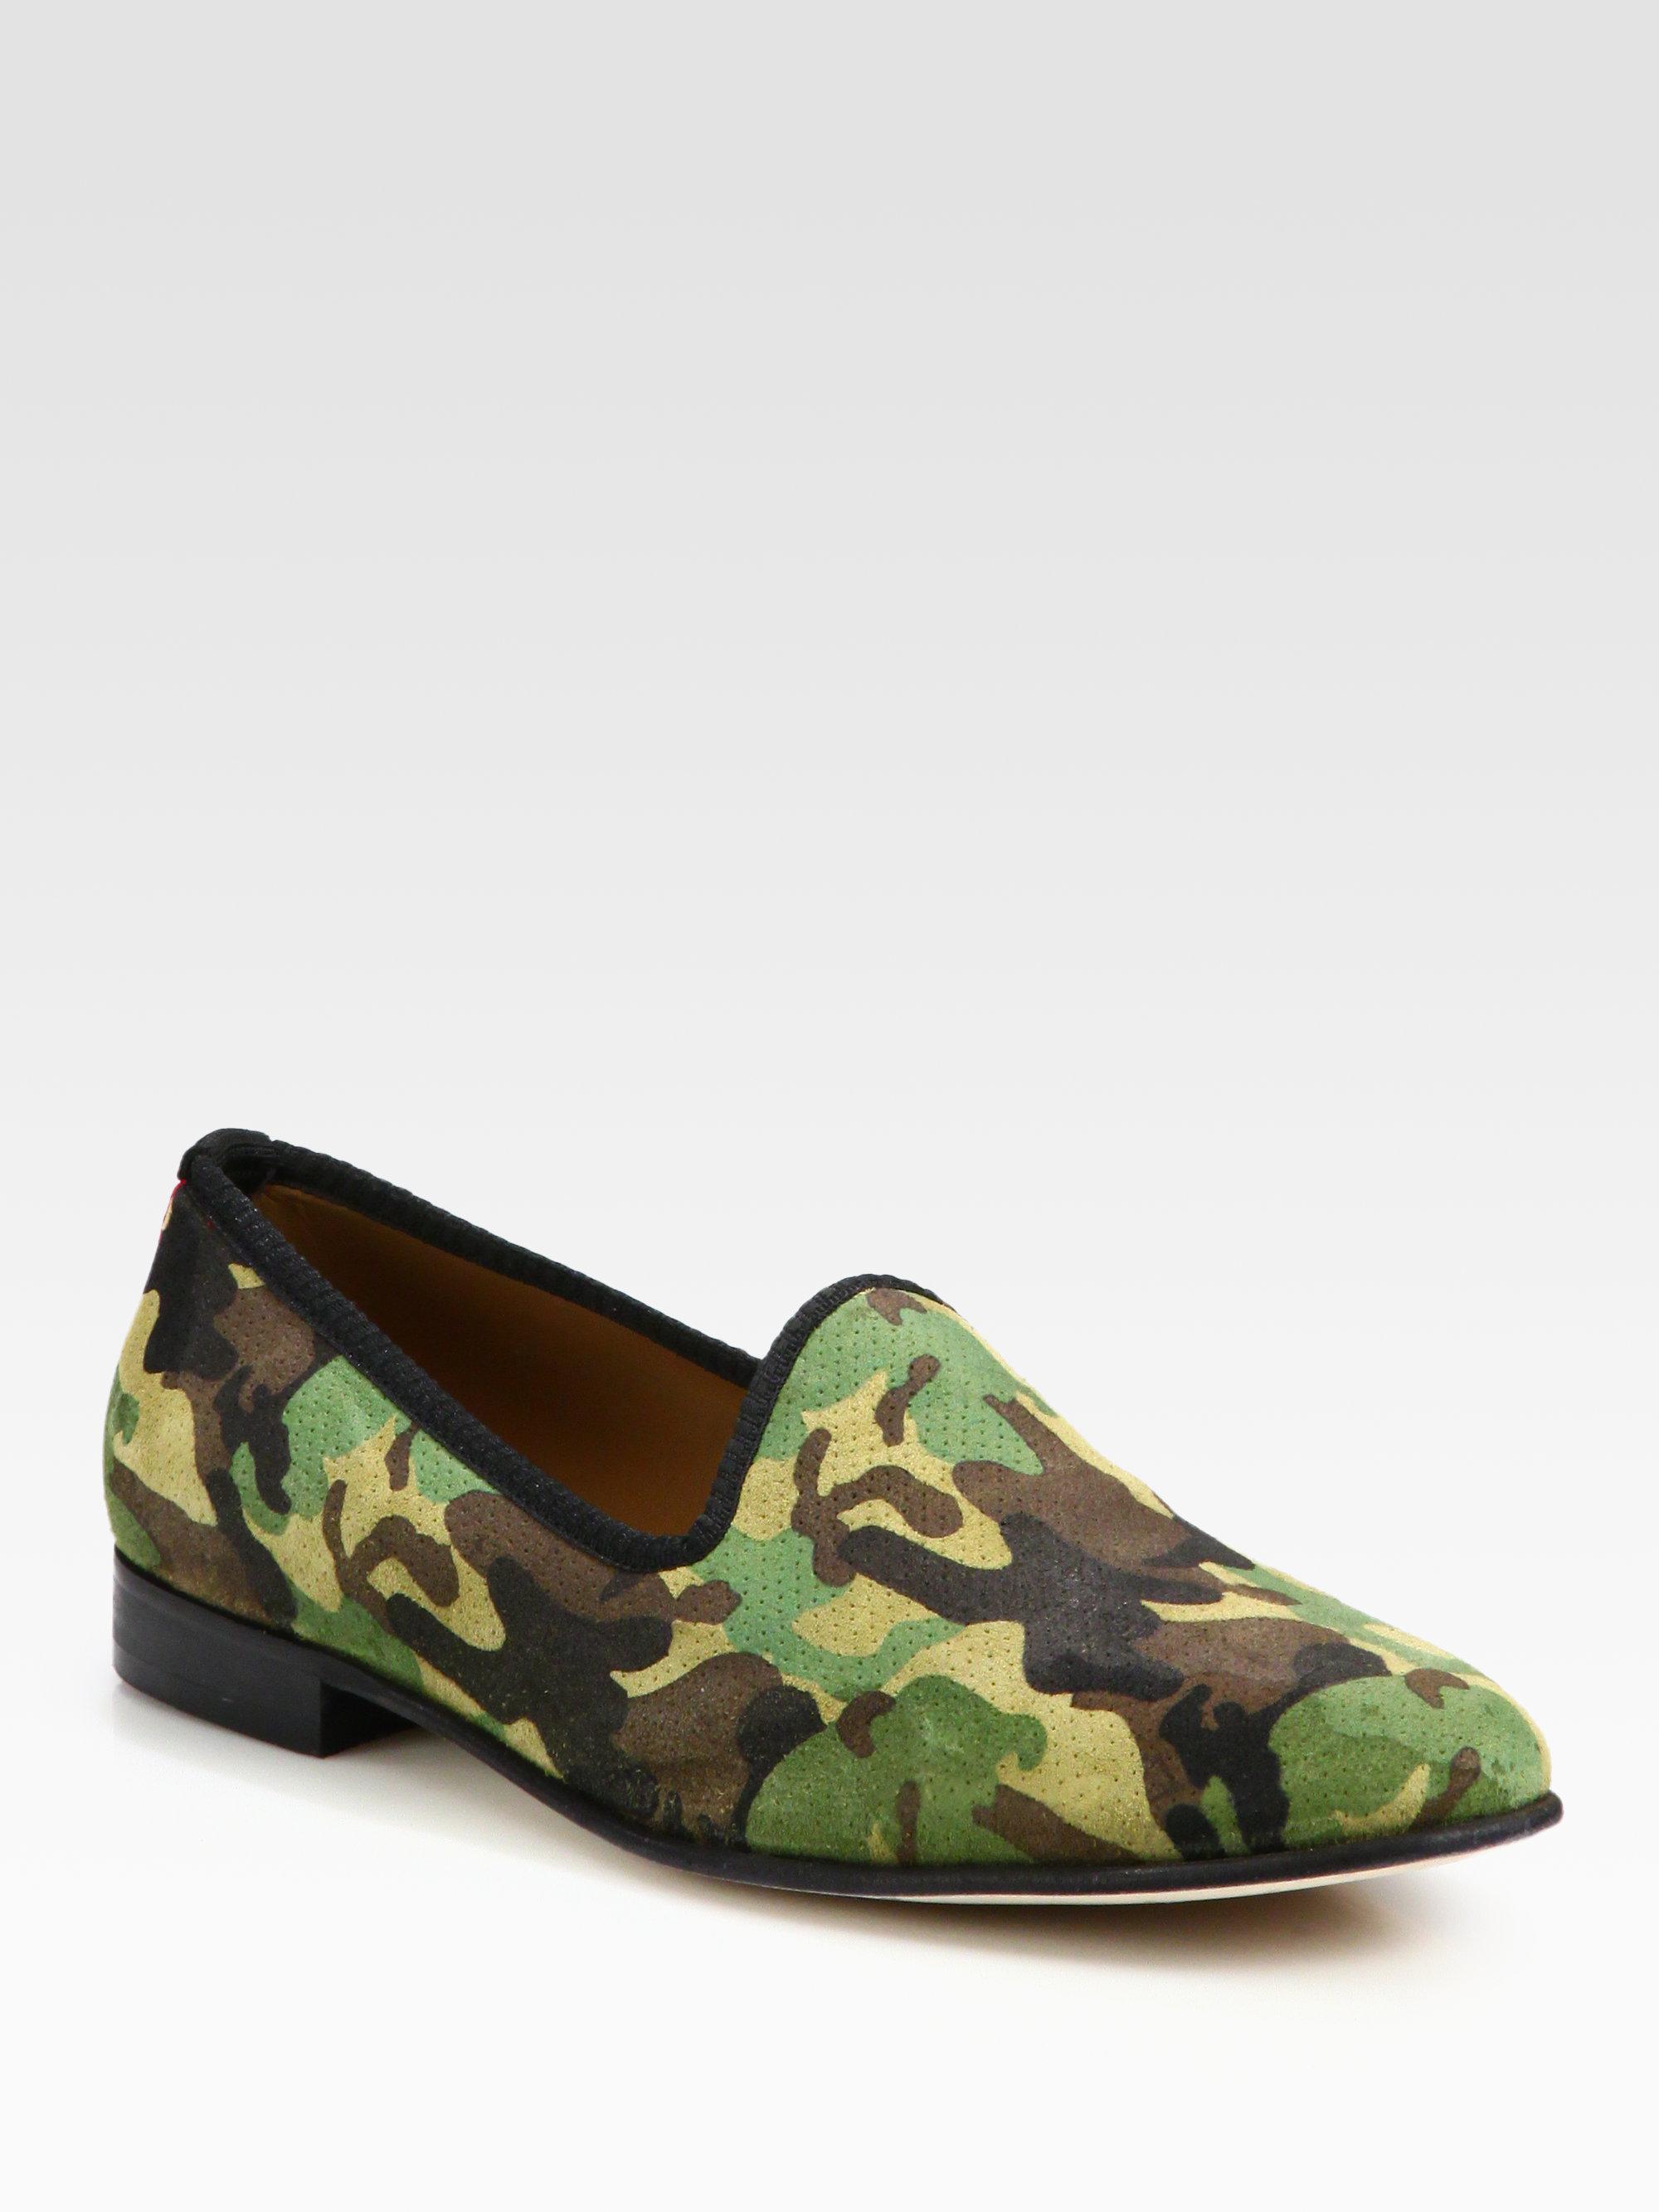 Del Toro Camouflage Suede Slipper Shoe In Green For Men Lyst